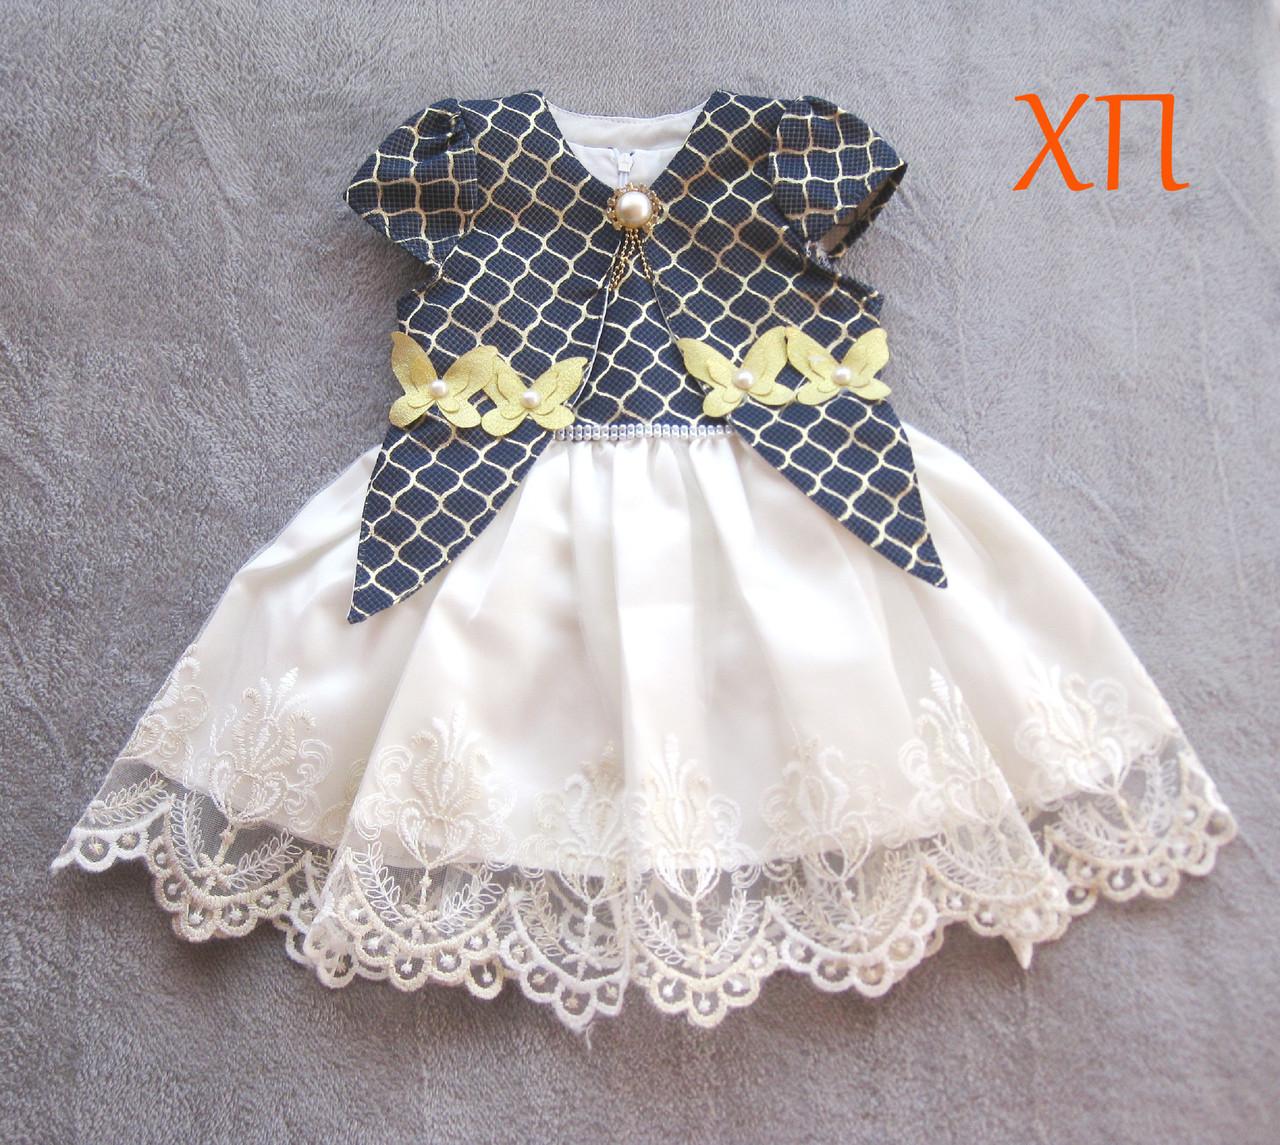 """Очень нарядное платье """"Бабочки"""" с золотистым болеро и красивой брошью для девочки"""